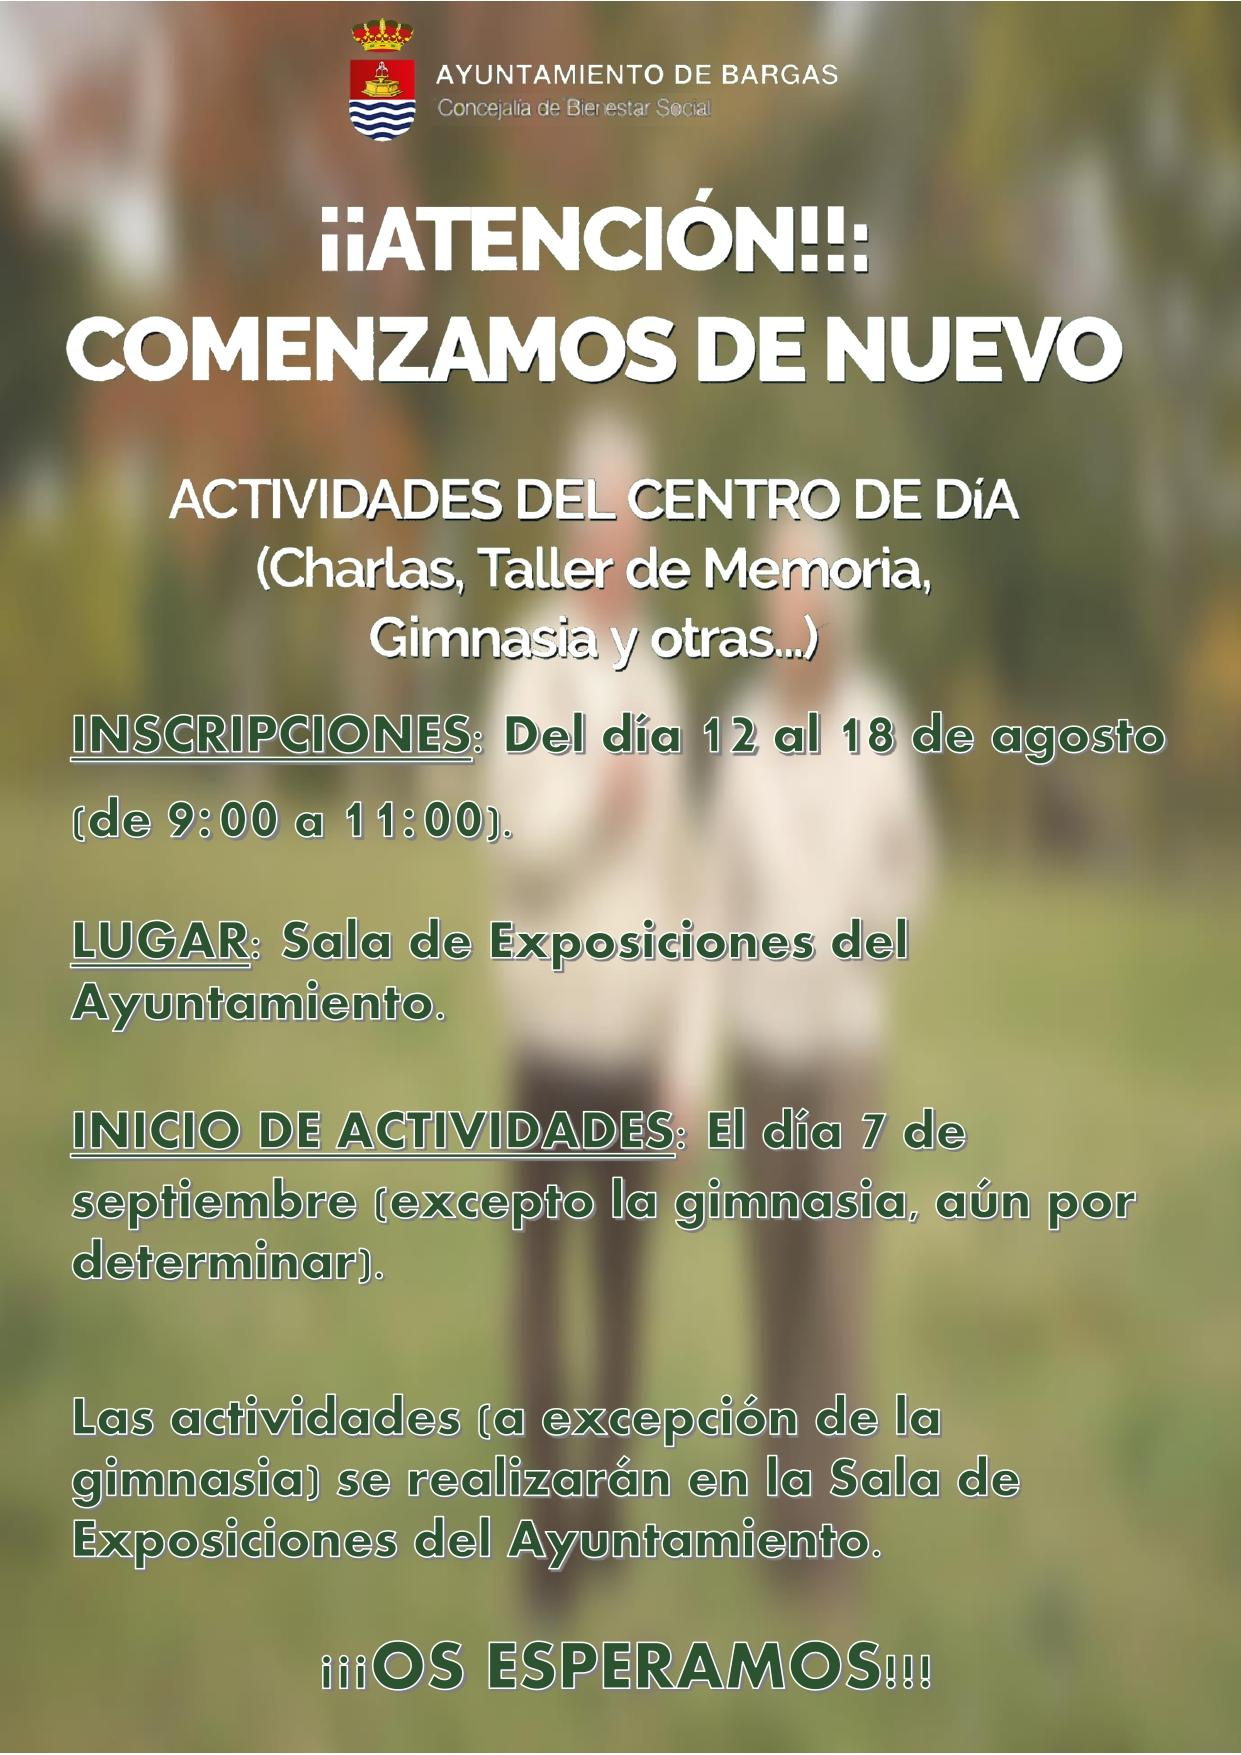 Actividades del Centro de Día